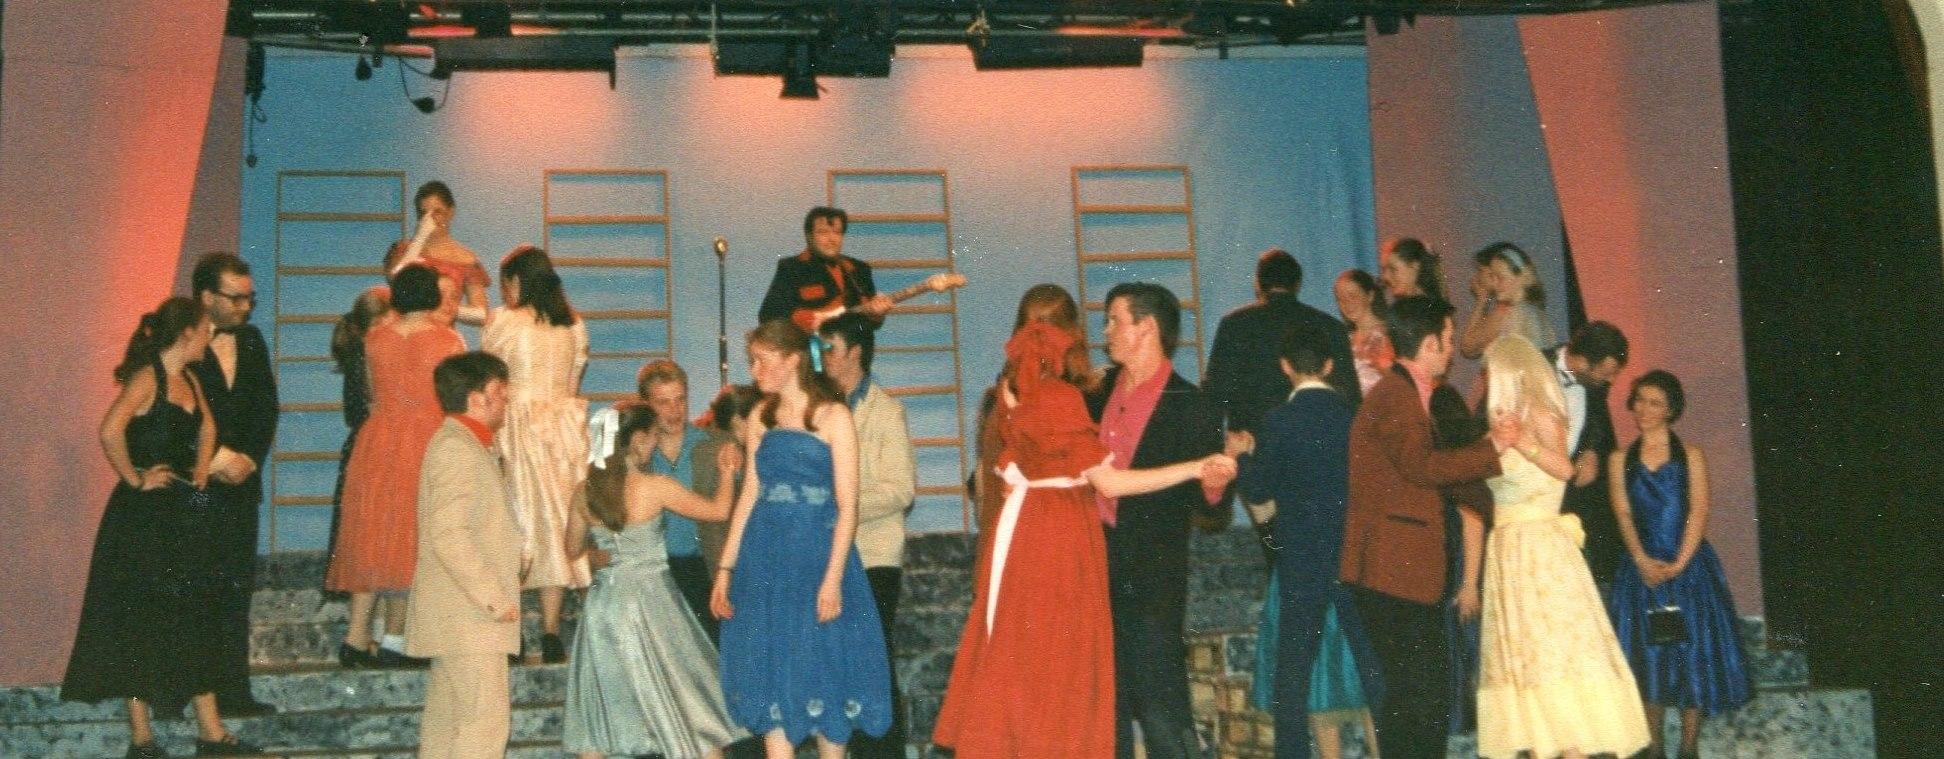 Grease, 1996 (www.lmvg.ie) (77)